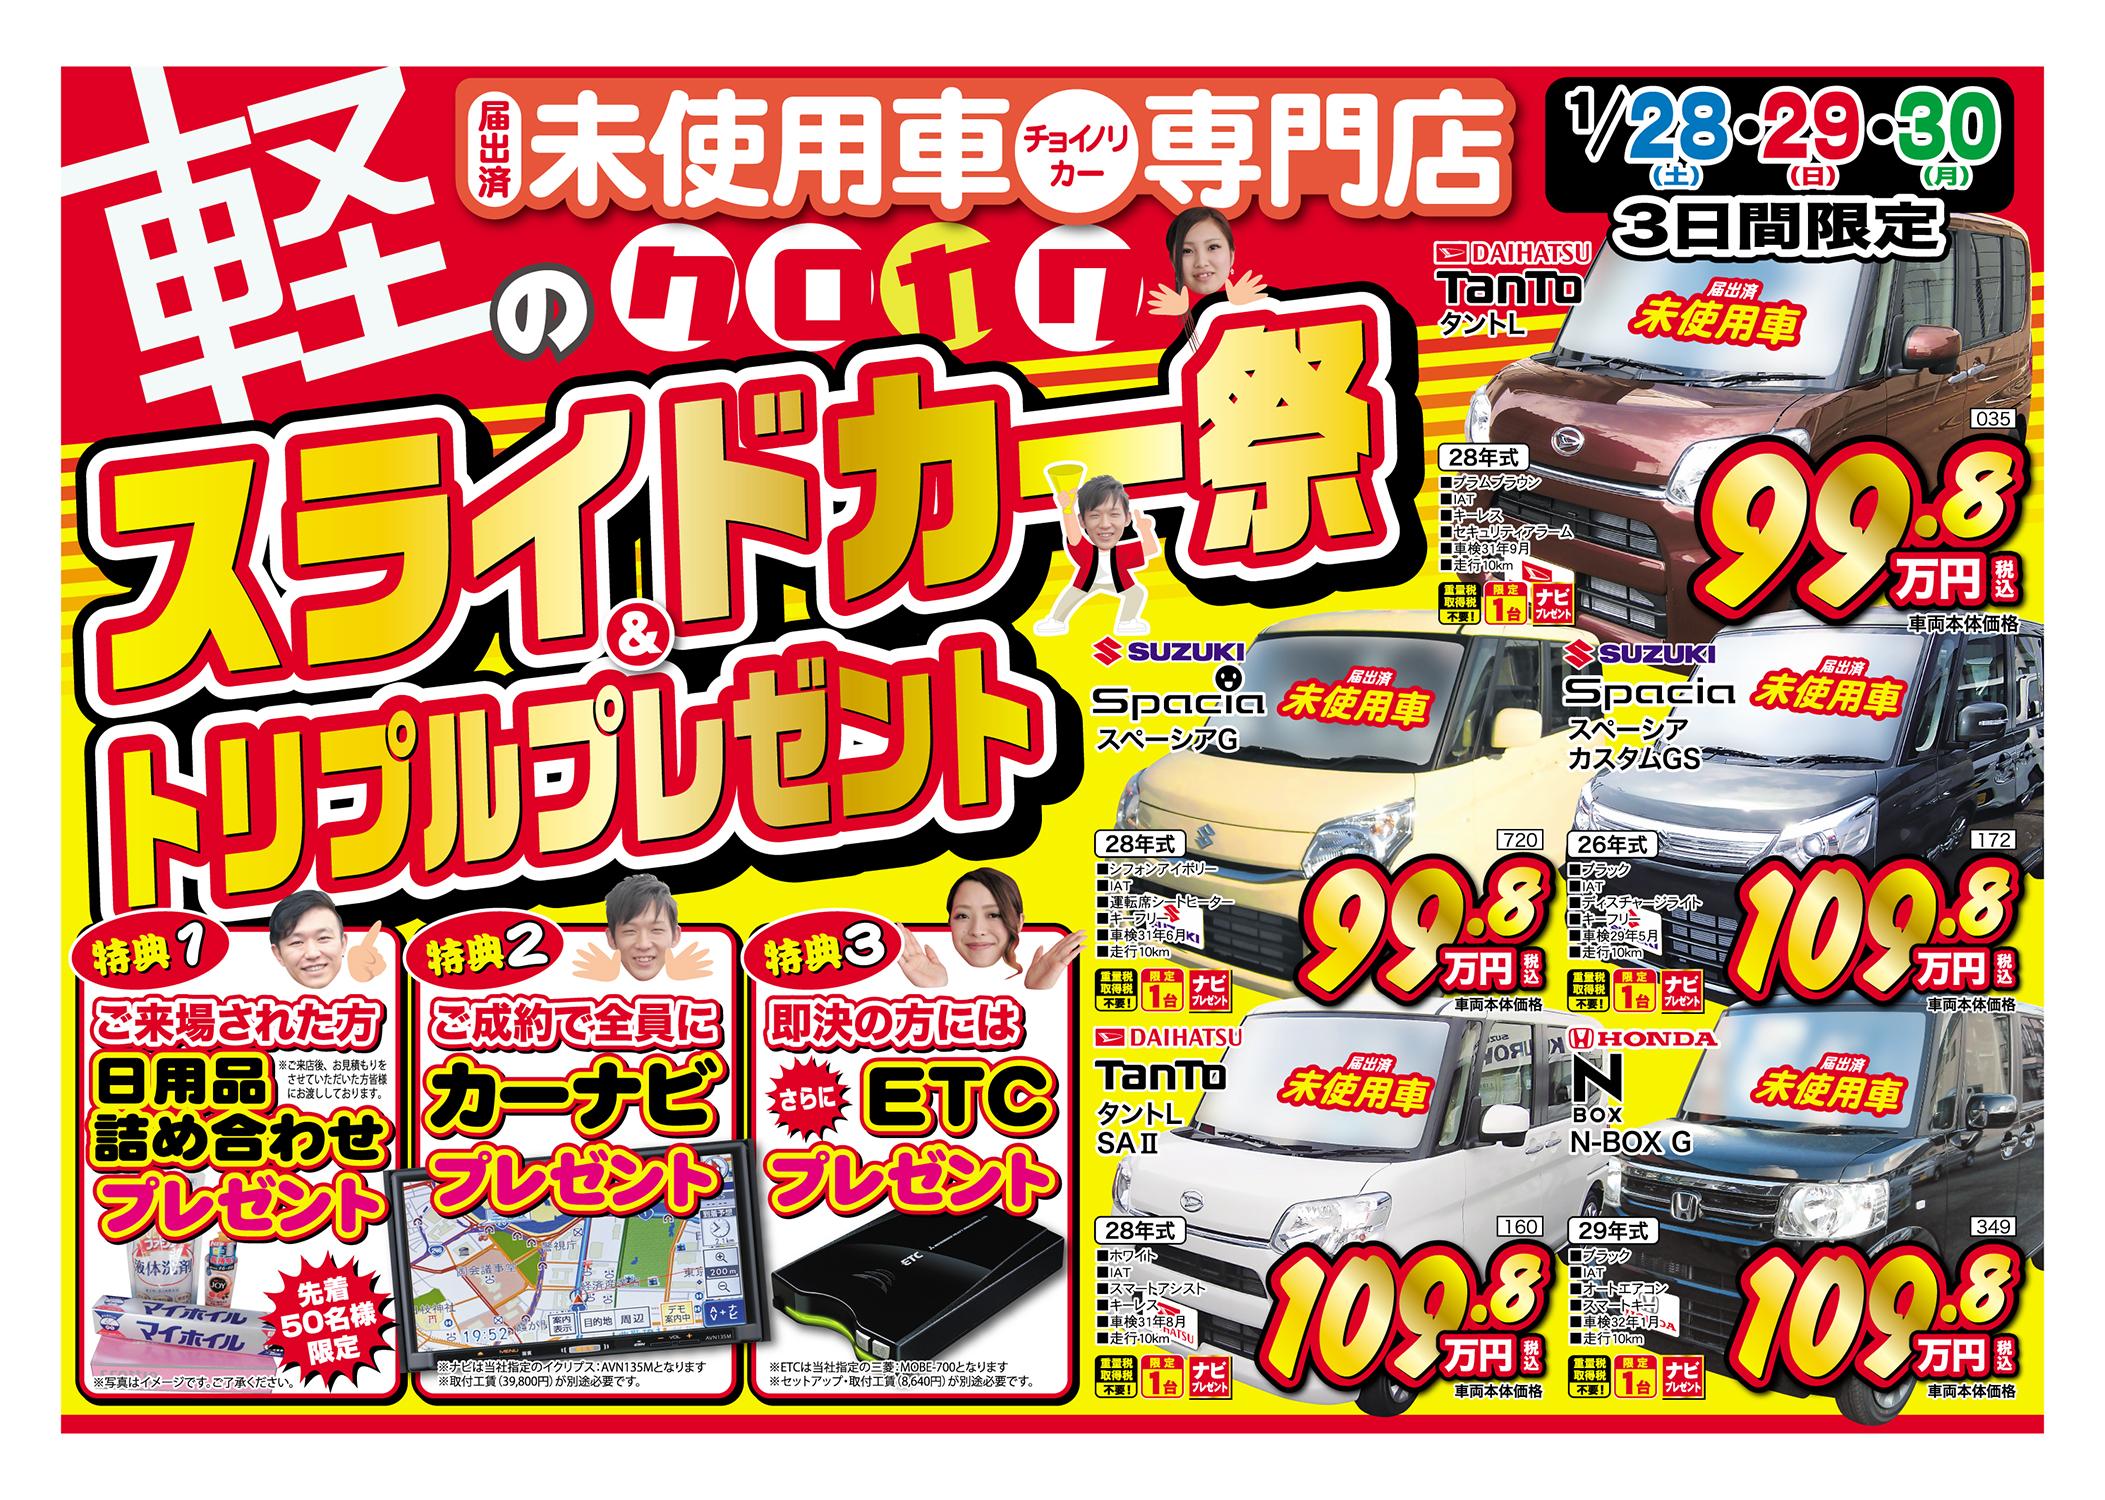 スライドカー祭&カーナビなどトリプルプレゼント!